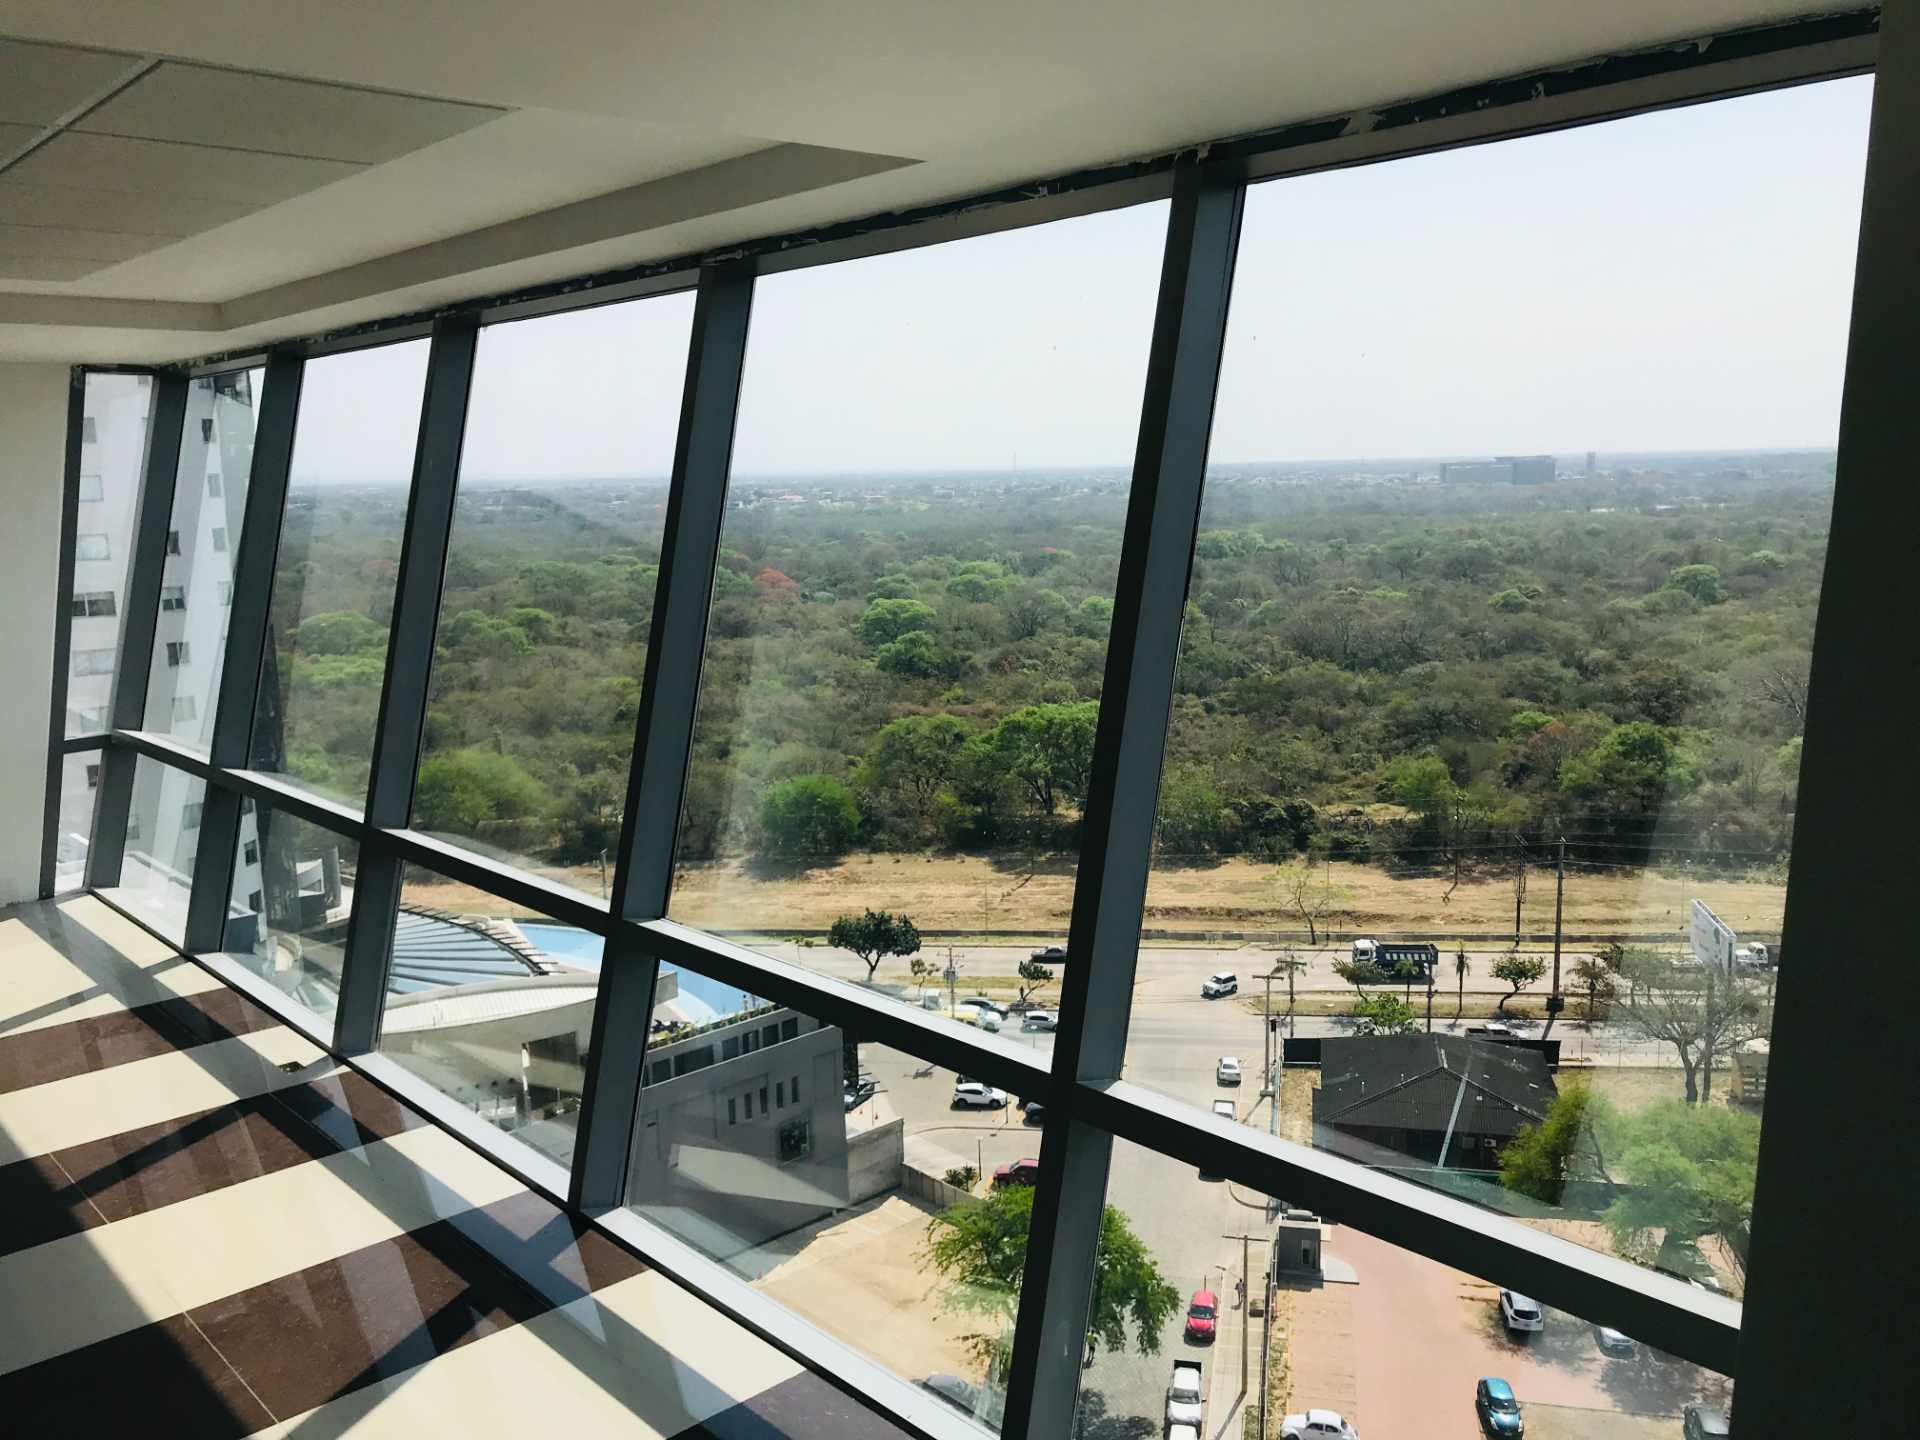 Oficina en Venta Torre de Negocios ALAS. Equipetrol Norte zona Empresarial, Av. San Martín entre 3er y 4to anillo.  Foto 7